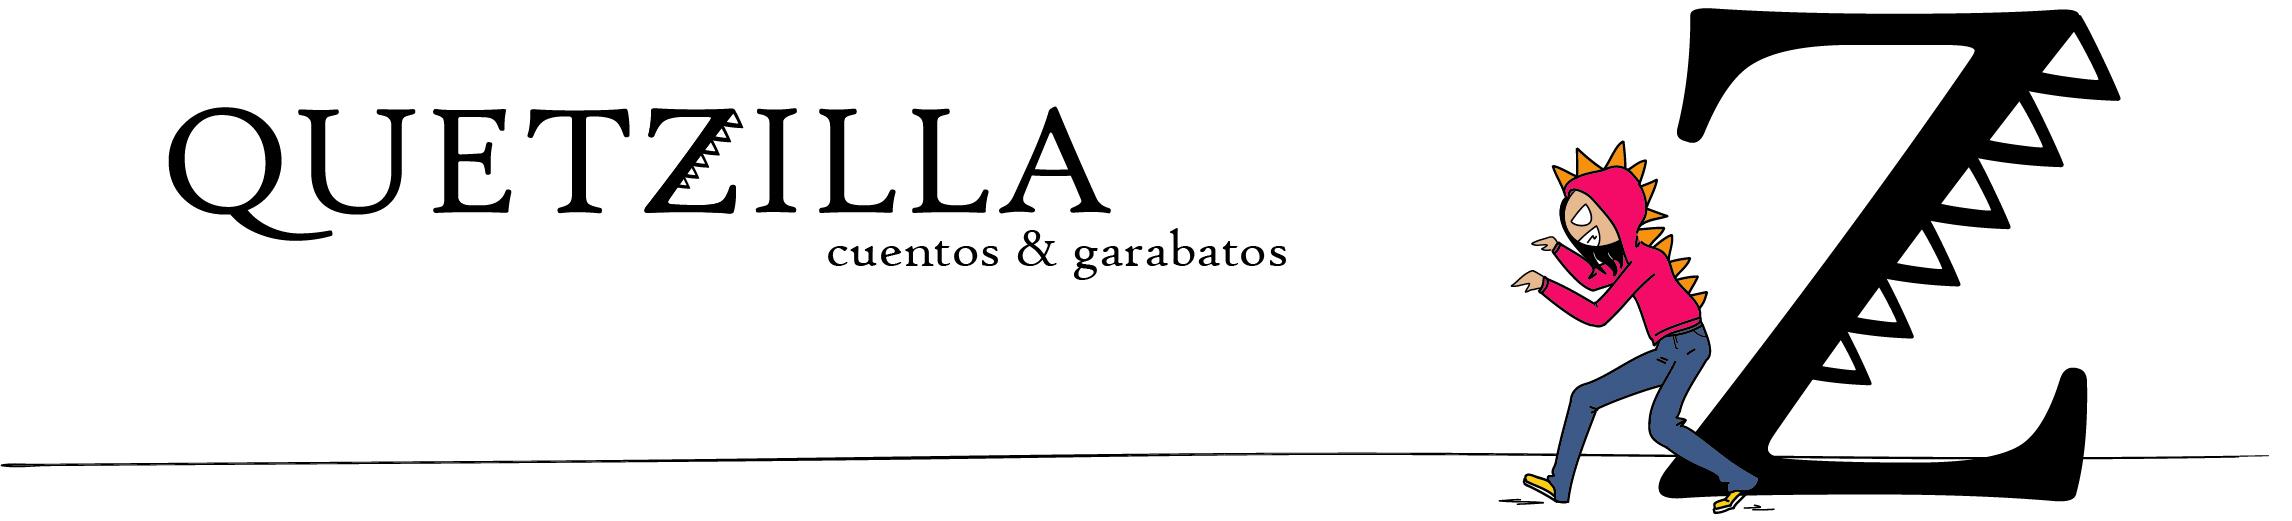 Quetzilla